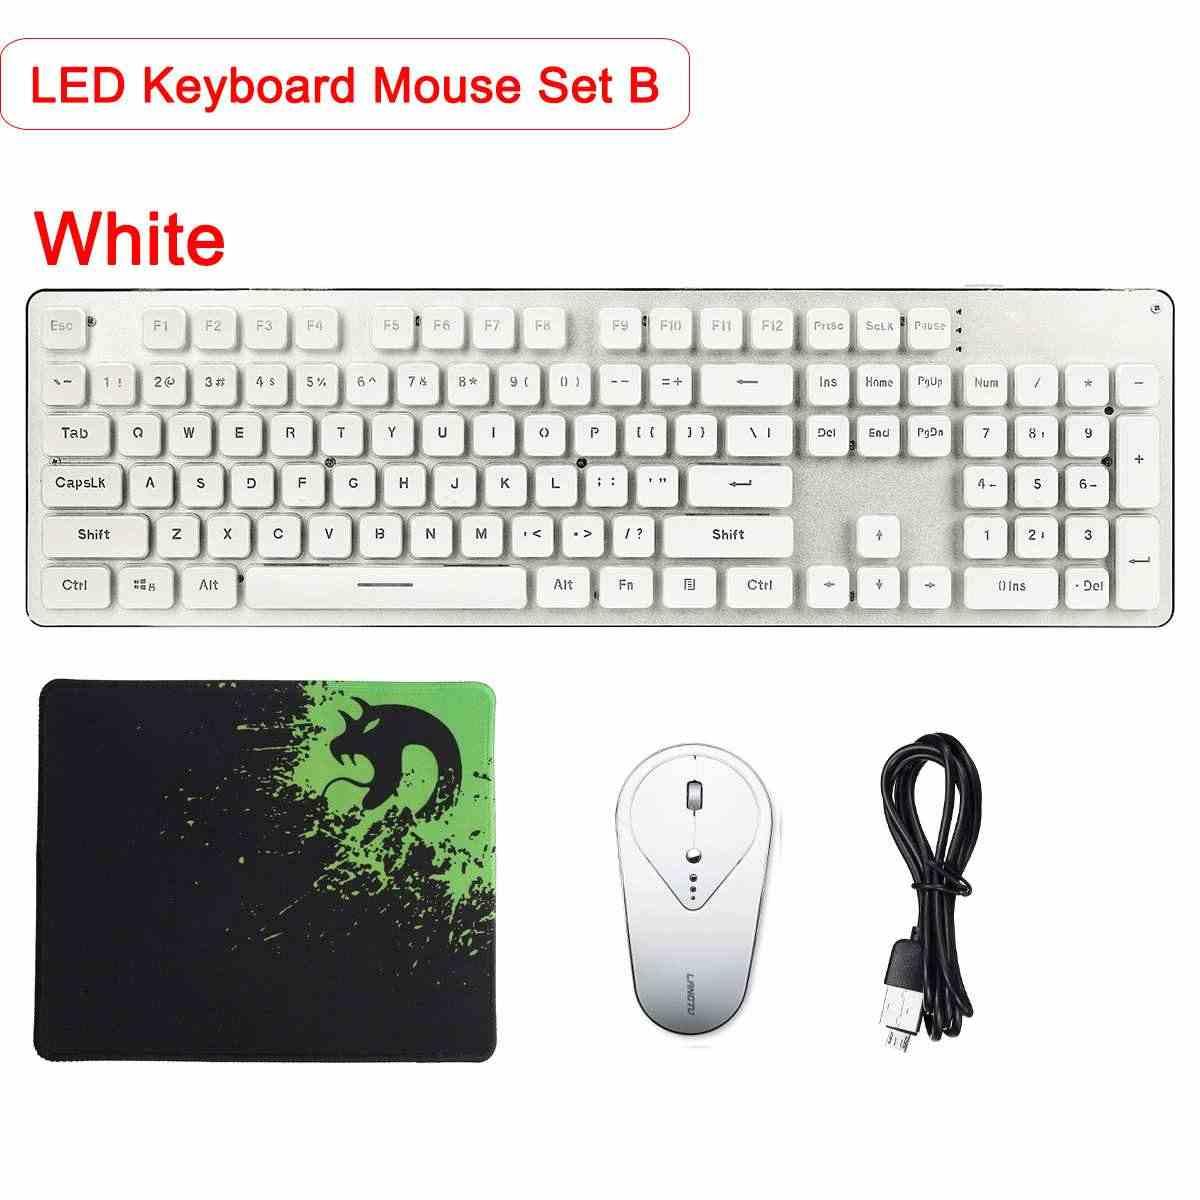 Проводной/беспроводной светодиодный клавиатура и мышь комплект радужной подсветки USB светлый немой эргономичная, игровая коврик для компьютерной мыши комплект для PC Gamer